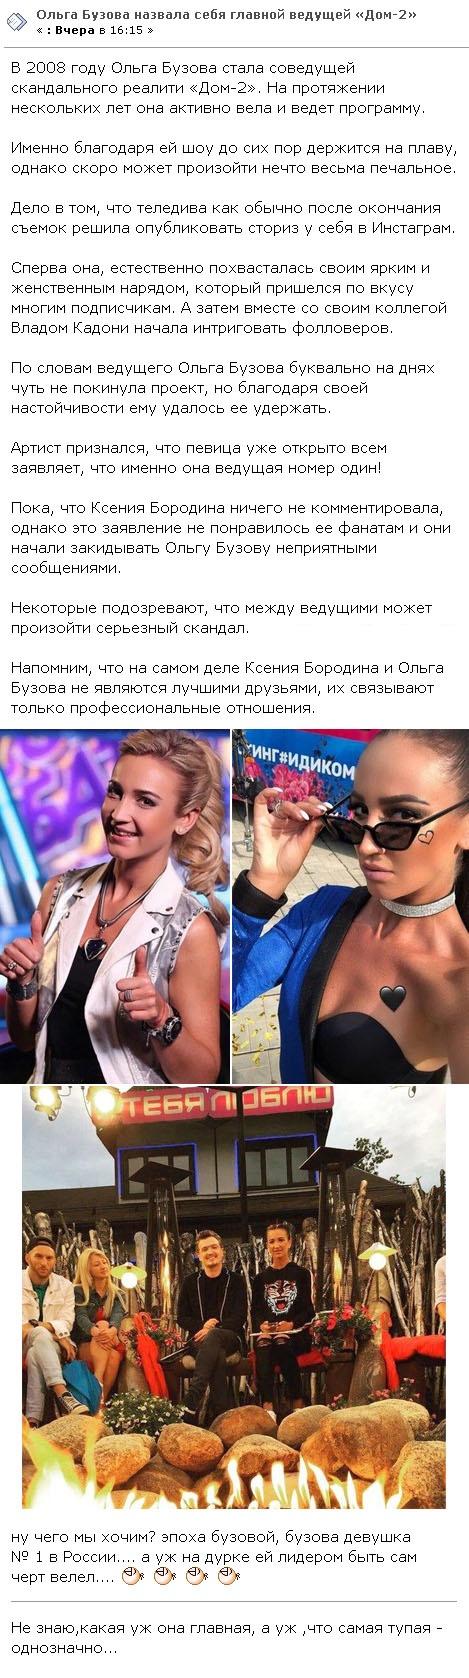 Назревает серьезный скандал между Ксенией Бородиной и Ольгой Бузовой